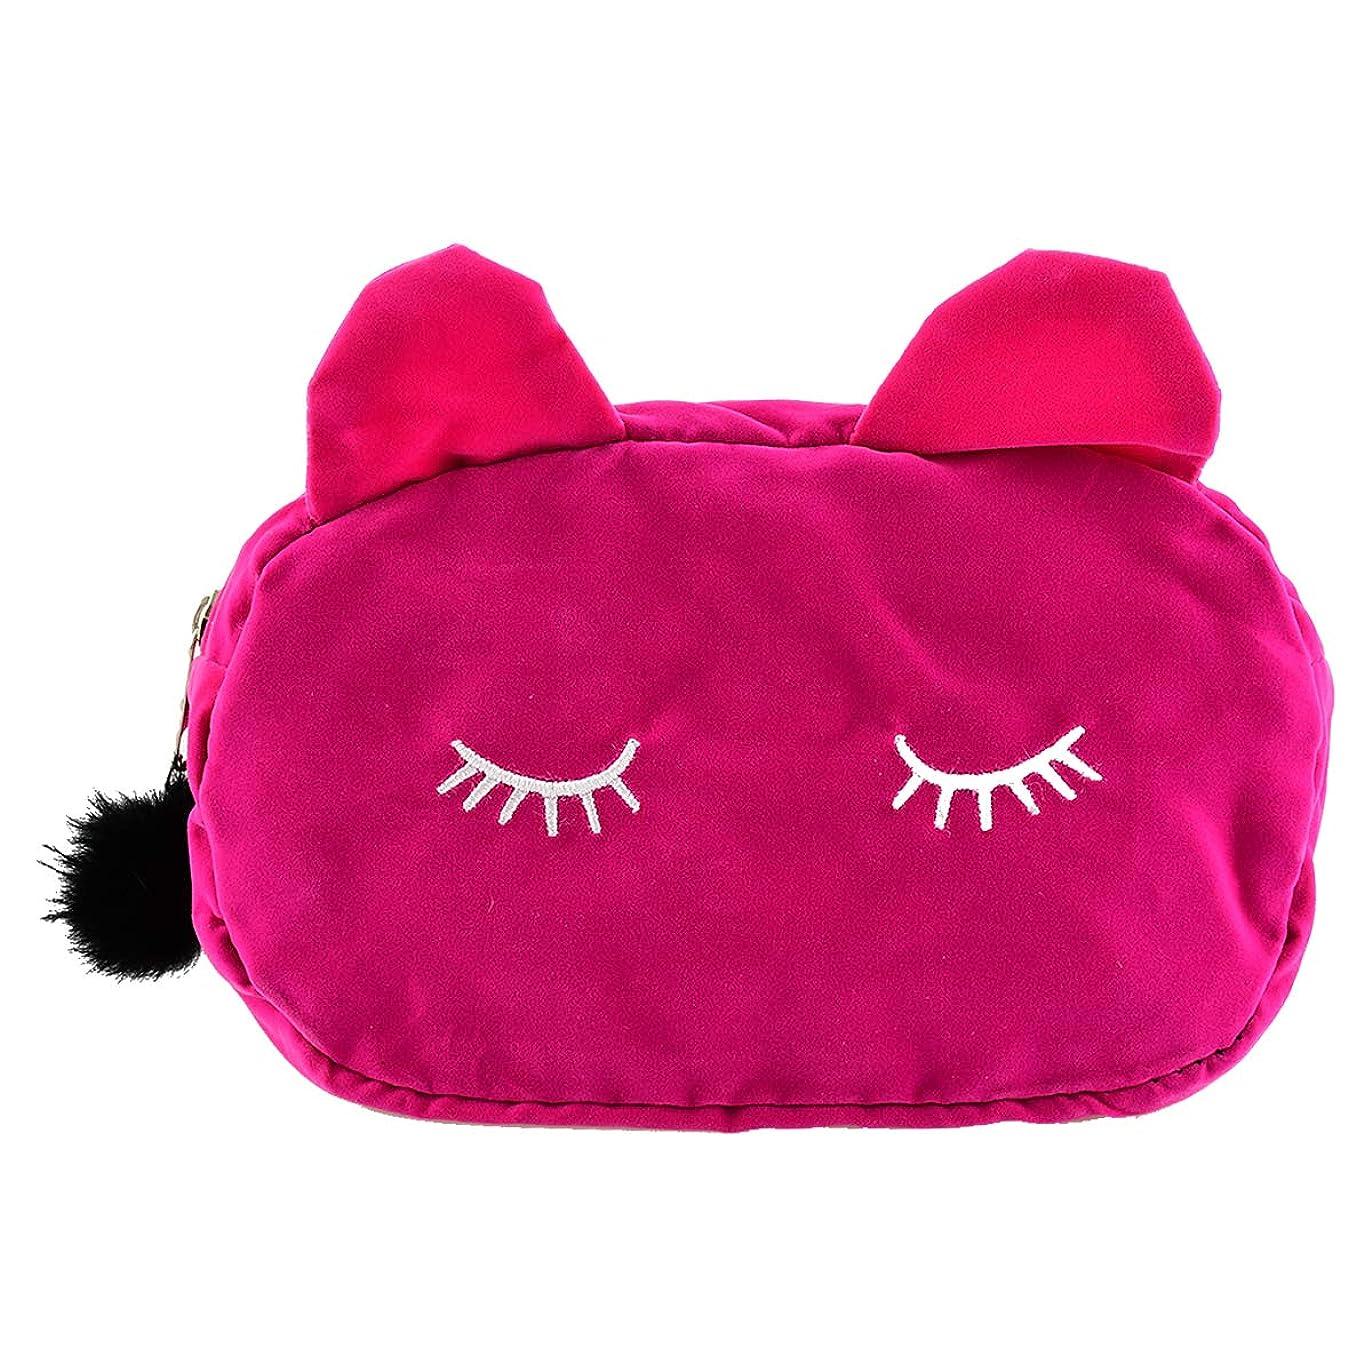 パスアジア人セブンYideaHome 化粧ポーチ コンパクト ベルベット ポーチ メイクポーチ 化粧品 化粧道具 収納 バッグ 旅行用ポーチ ねこ柄 可愛い